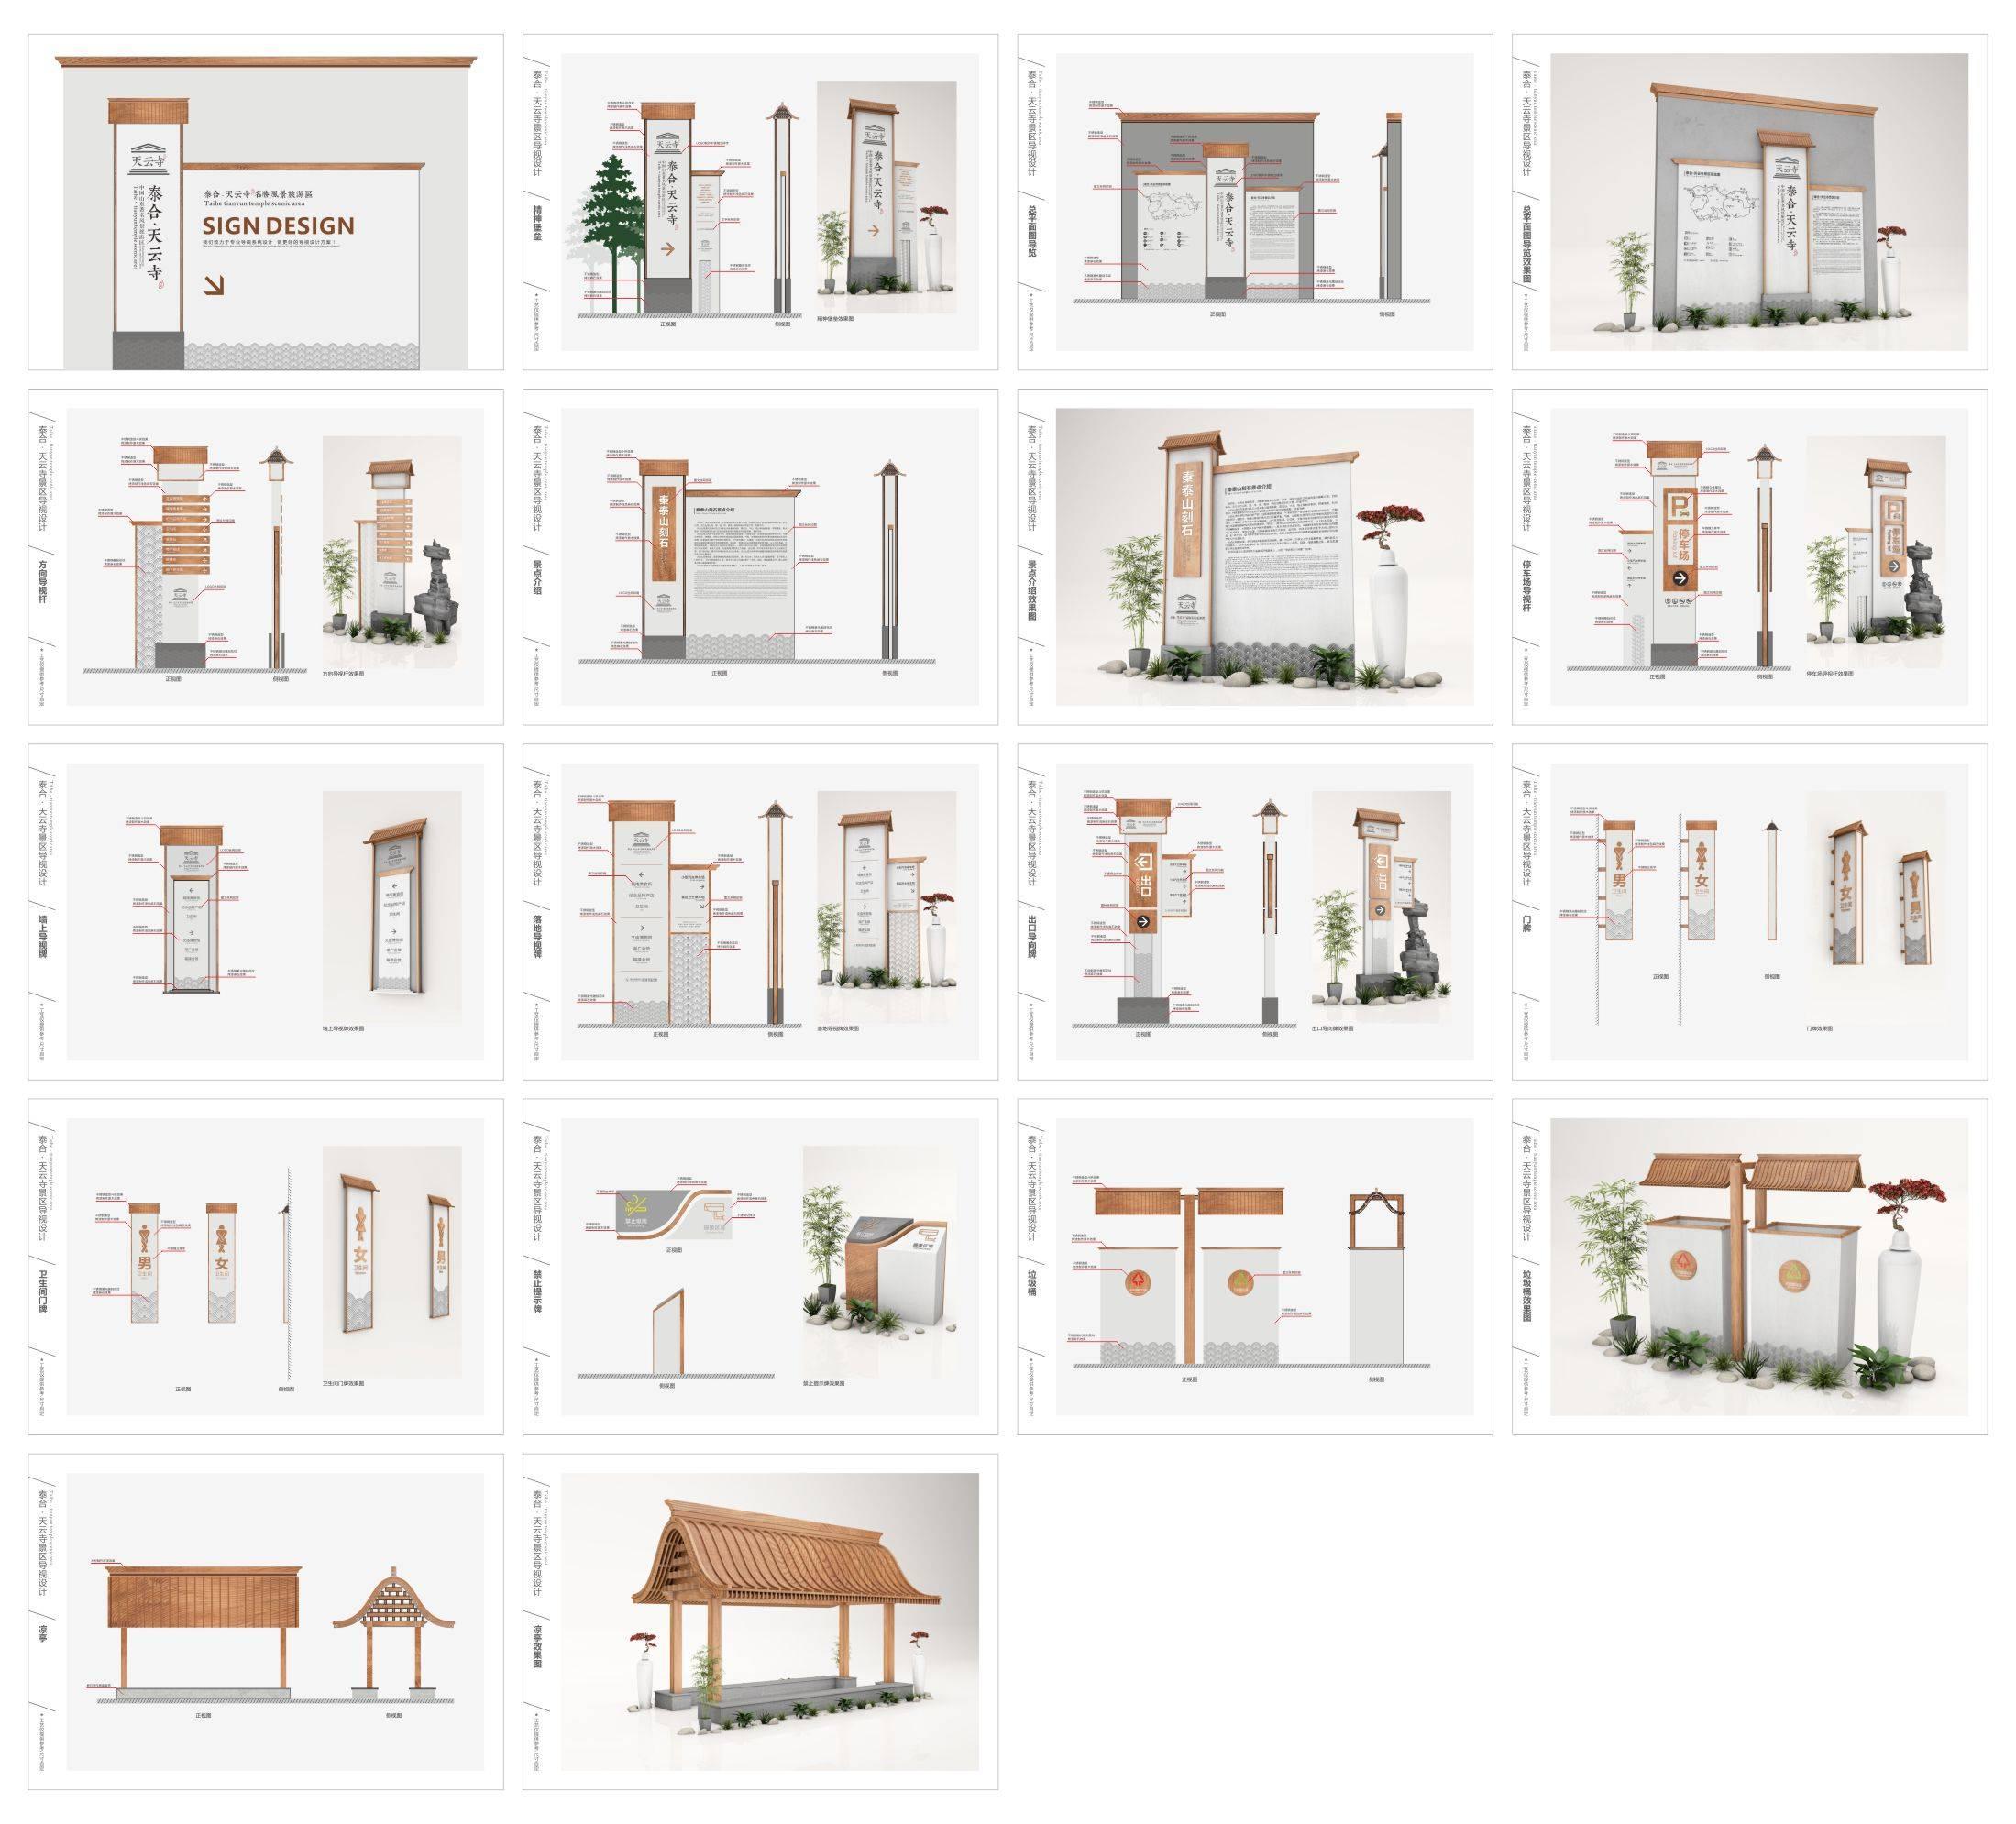 苏州泰合·天云寺标识图片寺庙观堂导视系统设计